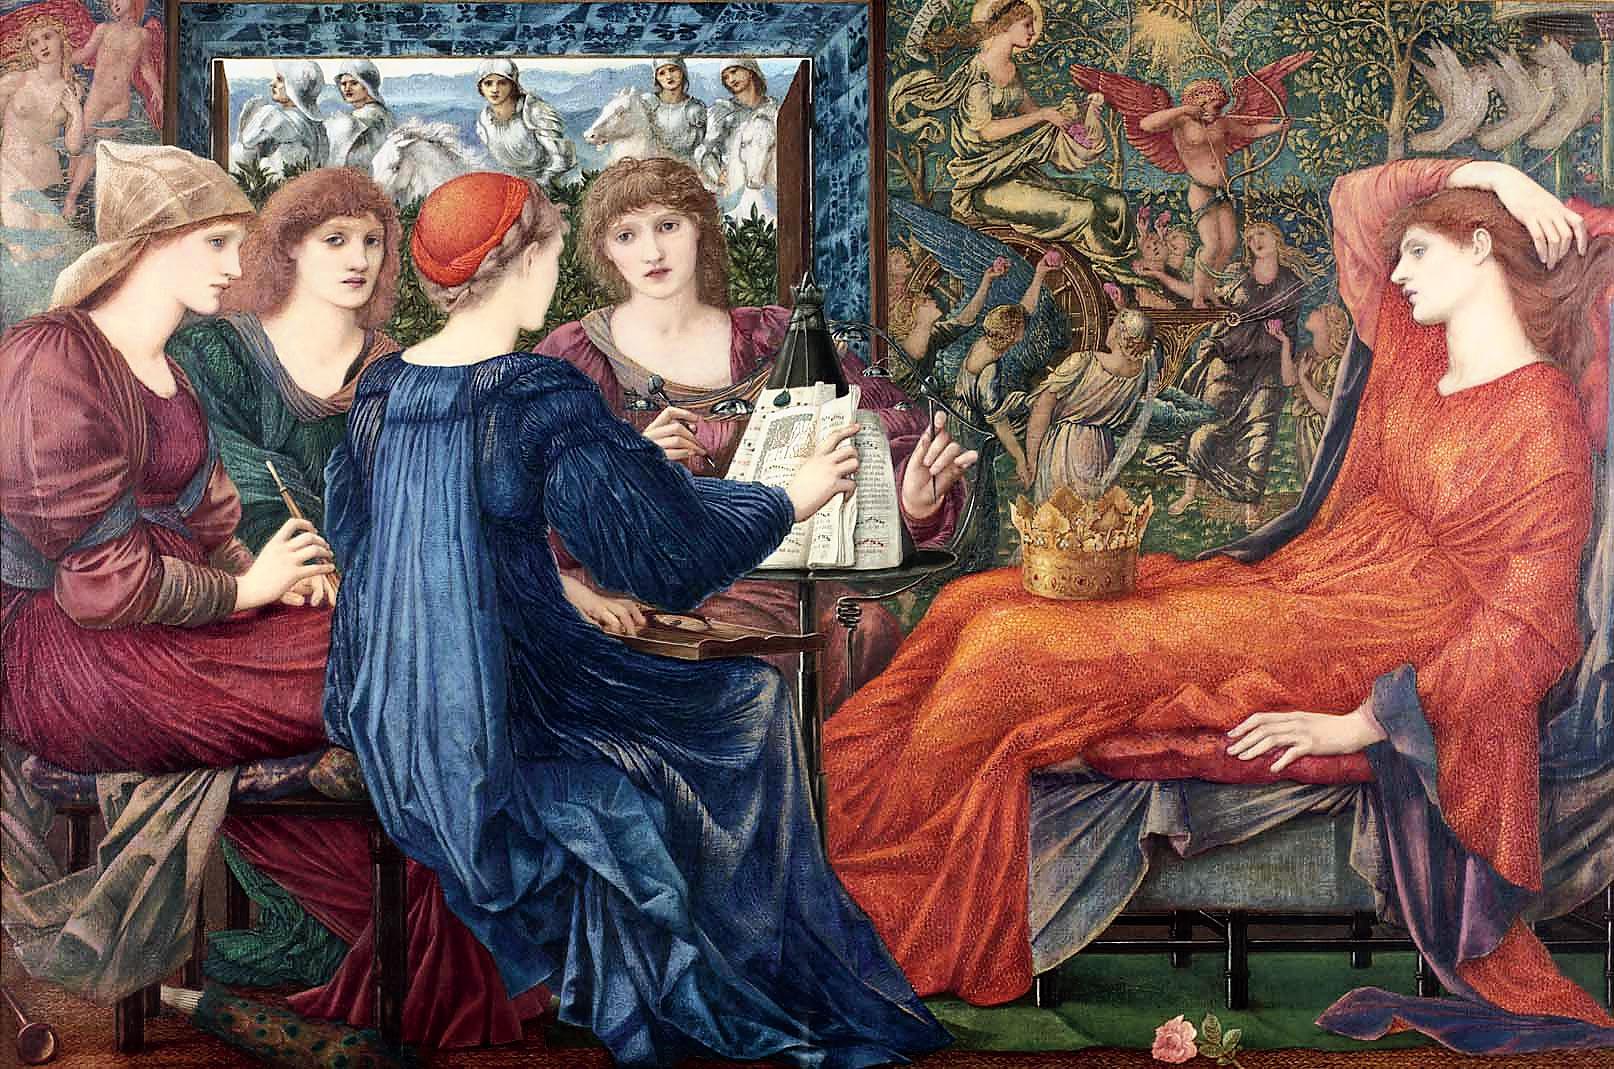 Edward Burne-Jones's Laus Veneris (In Praise of Venus), painted in 1873-75